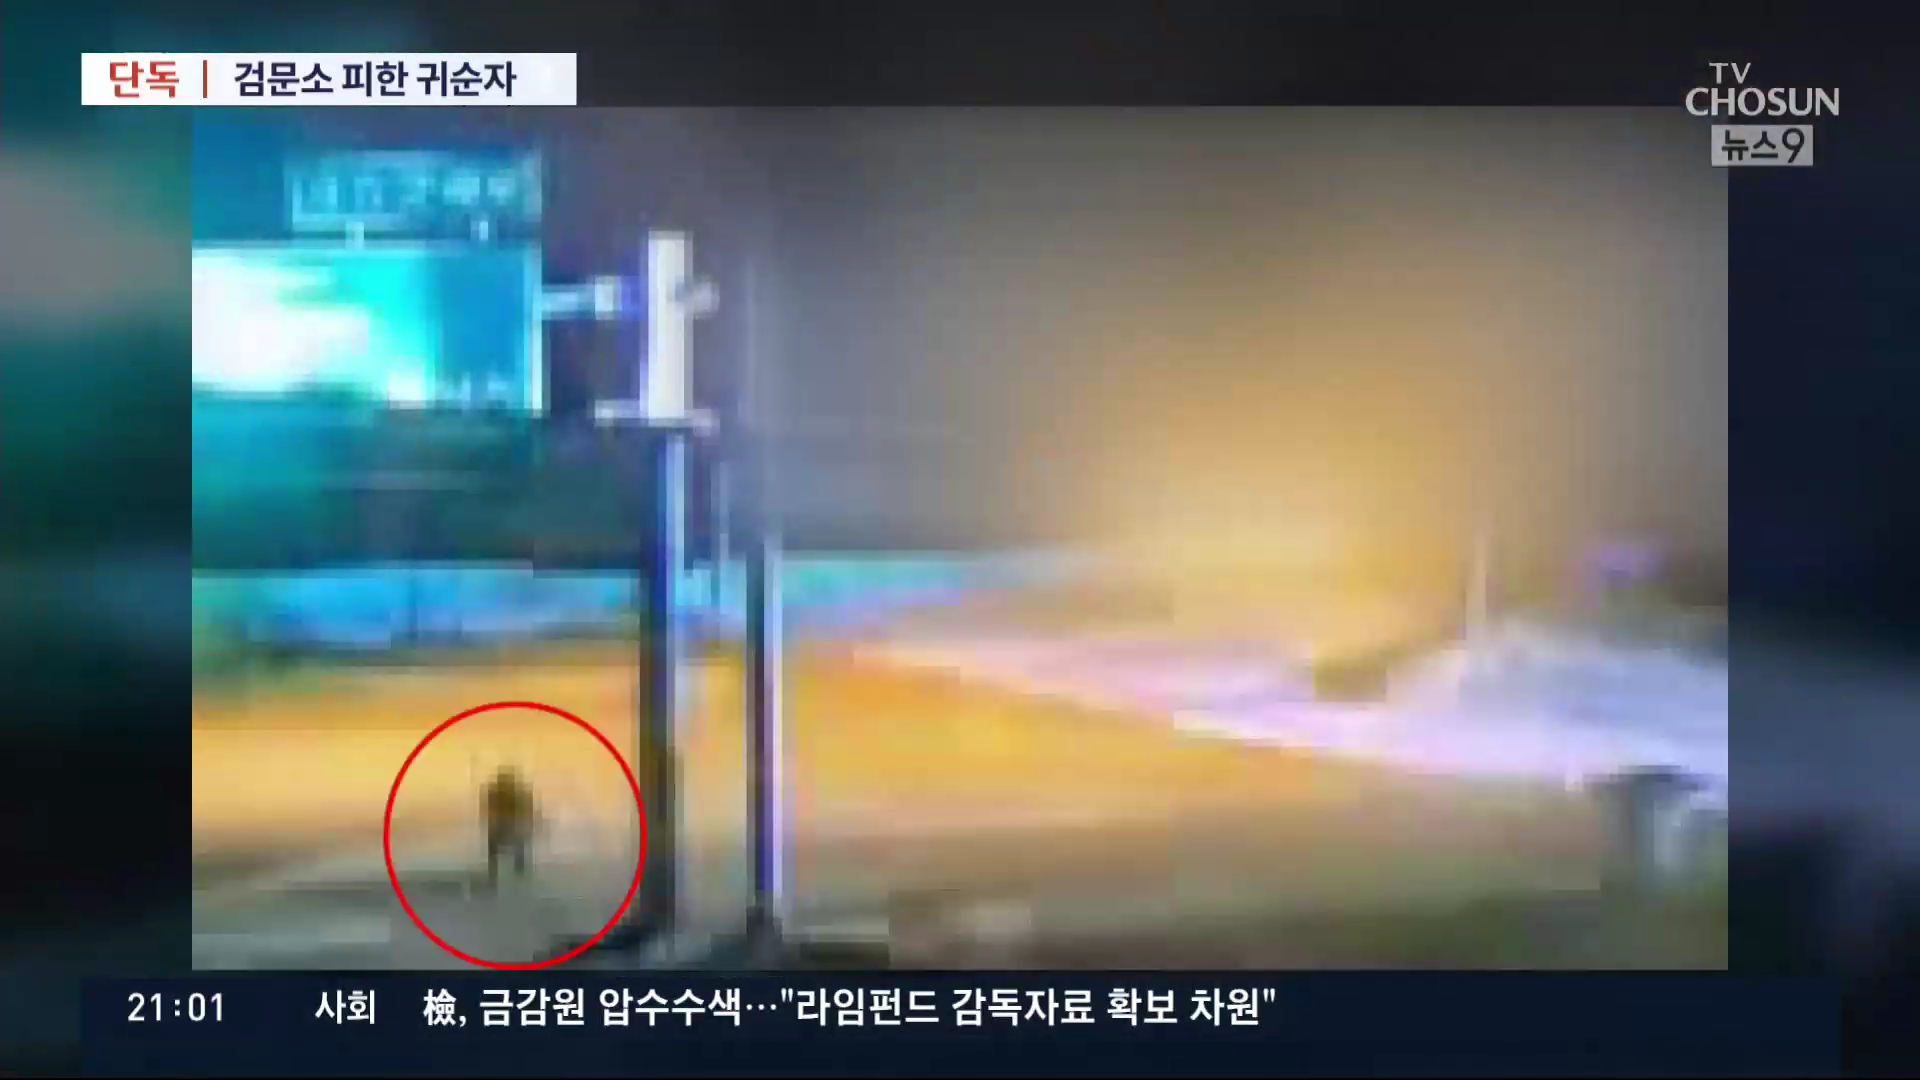 [단독] 검문소로 안 가고…軍 CCTV로 본 귀순 행적 '의문'